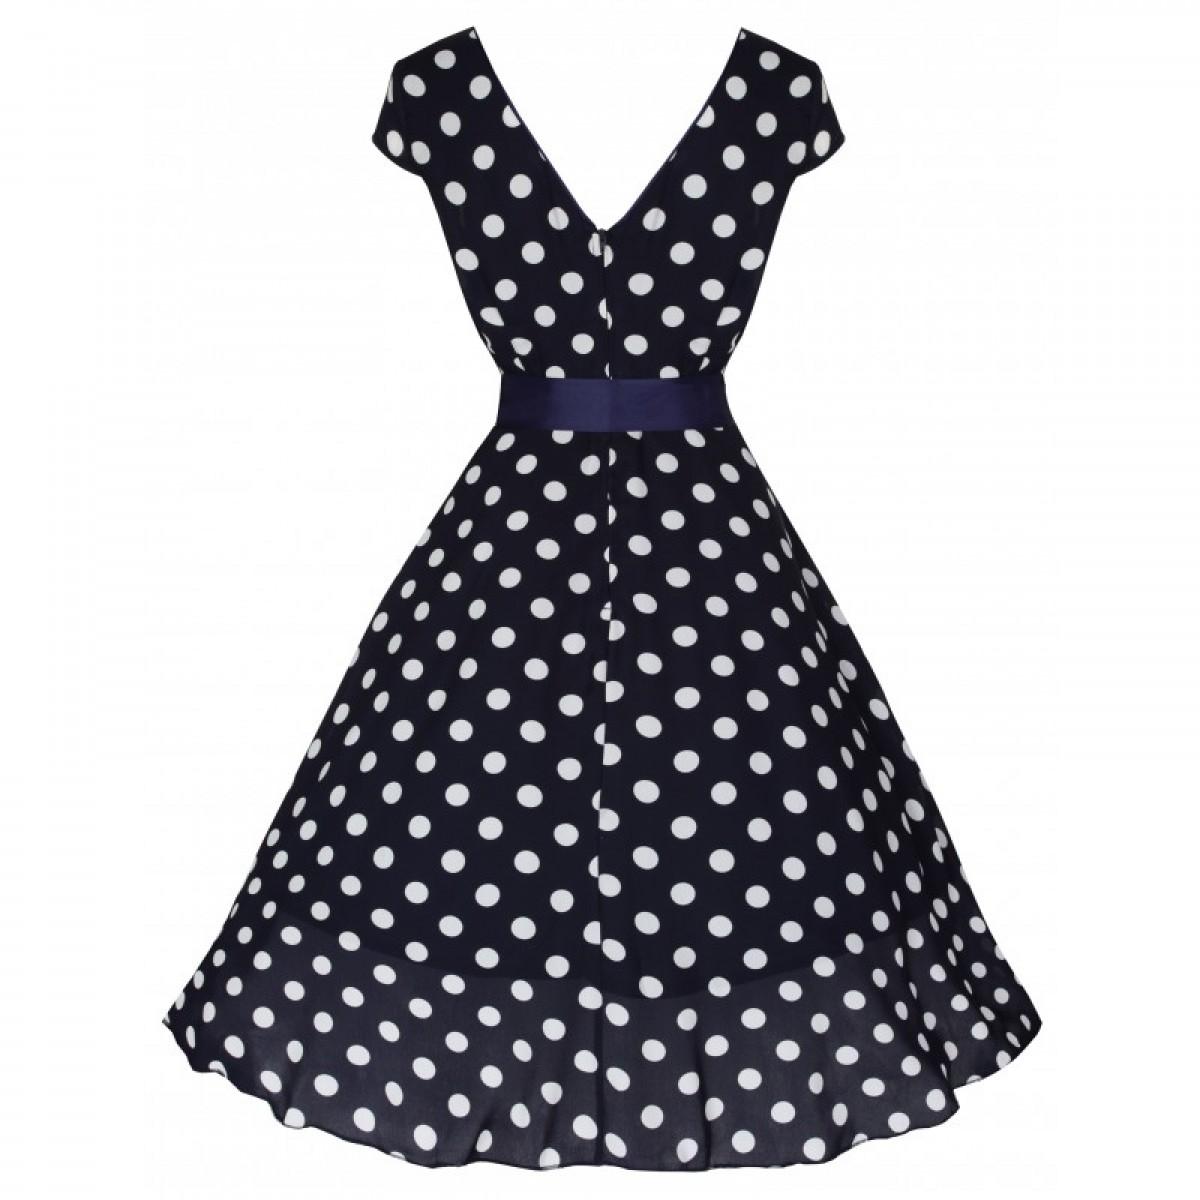 Šaty Lindy Bop tmavě modré bílý puntík  Mary Ellen  23eb1be288